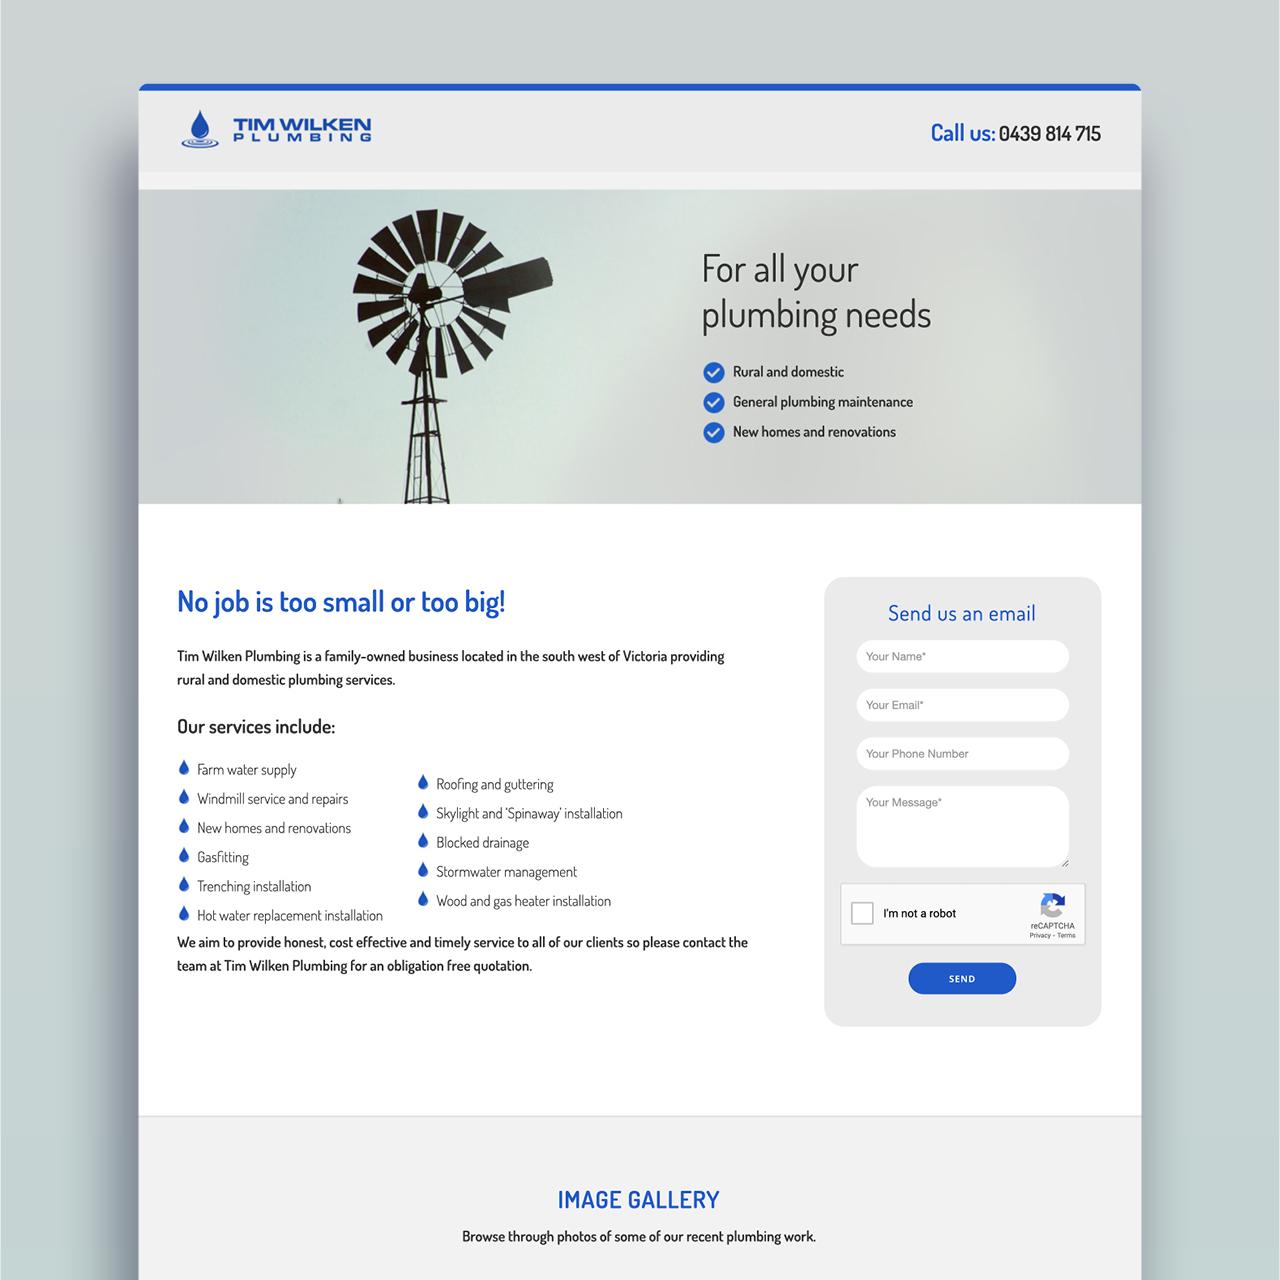 Tim Wilken Plumbing website - home page mock up